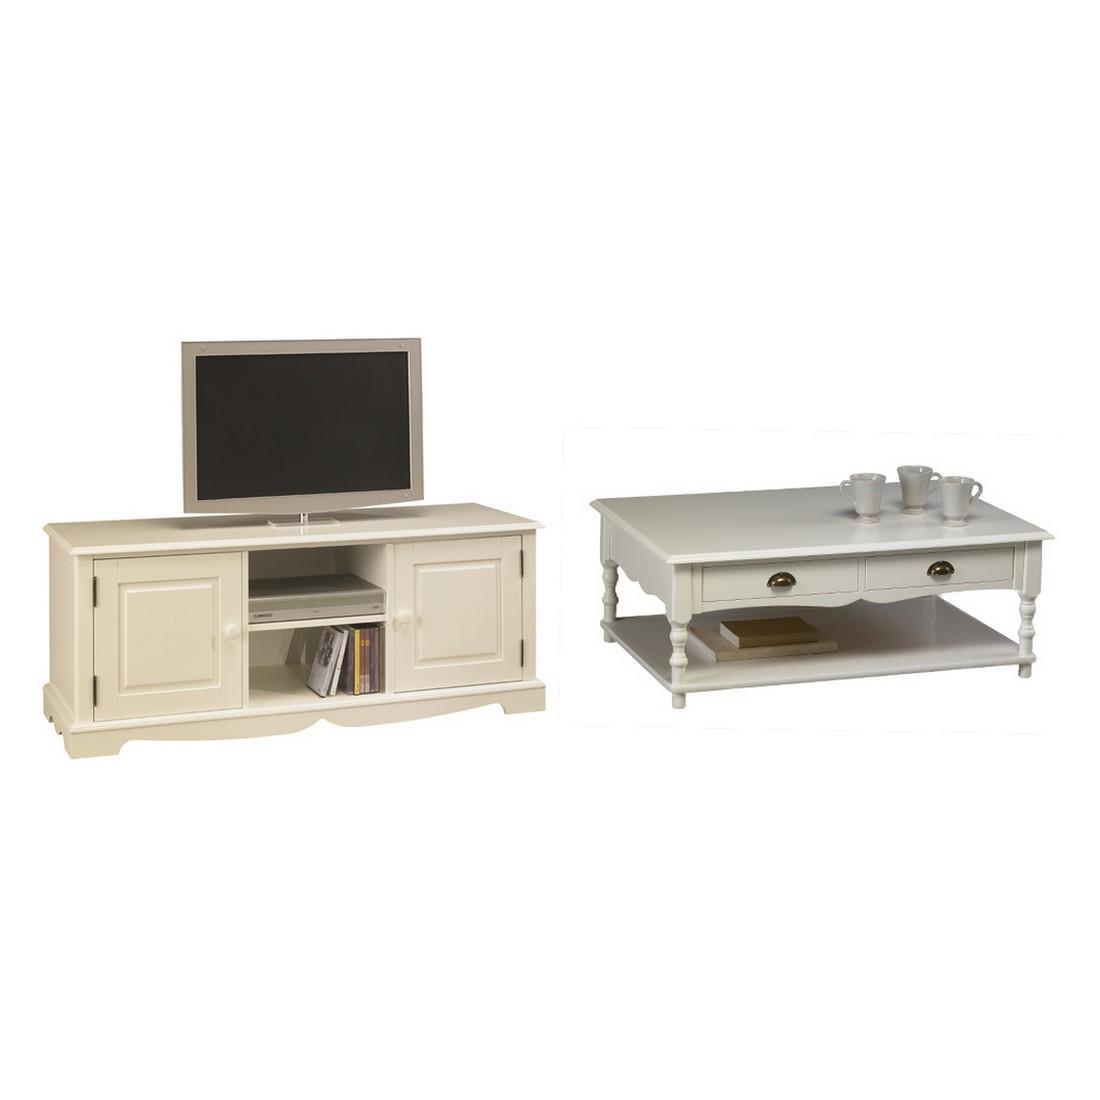 Ensemble Meuble Tv Et Table Basse Gris – Phaichicom -> Meuble Tv Et Table Basse Moderne